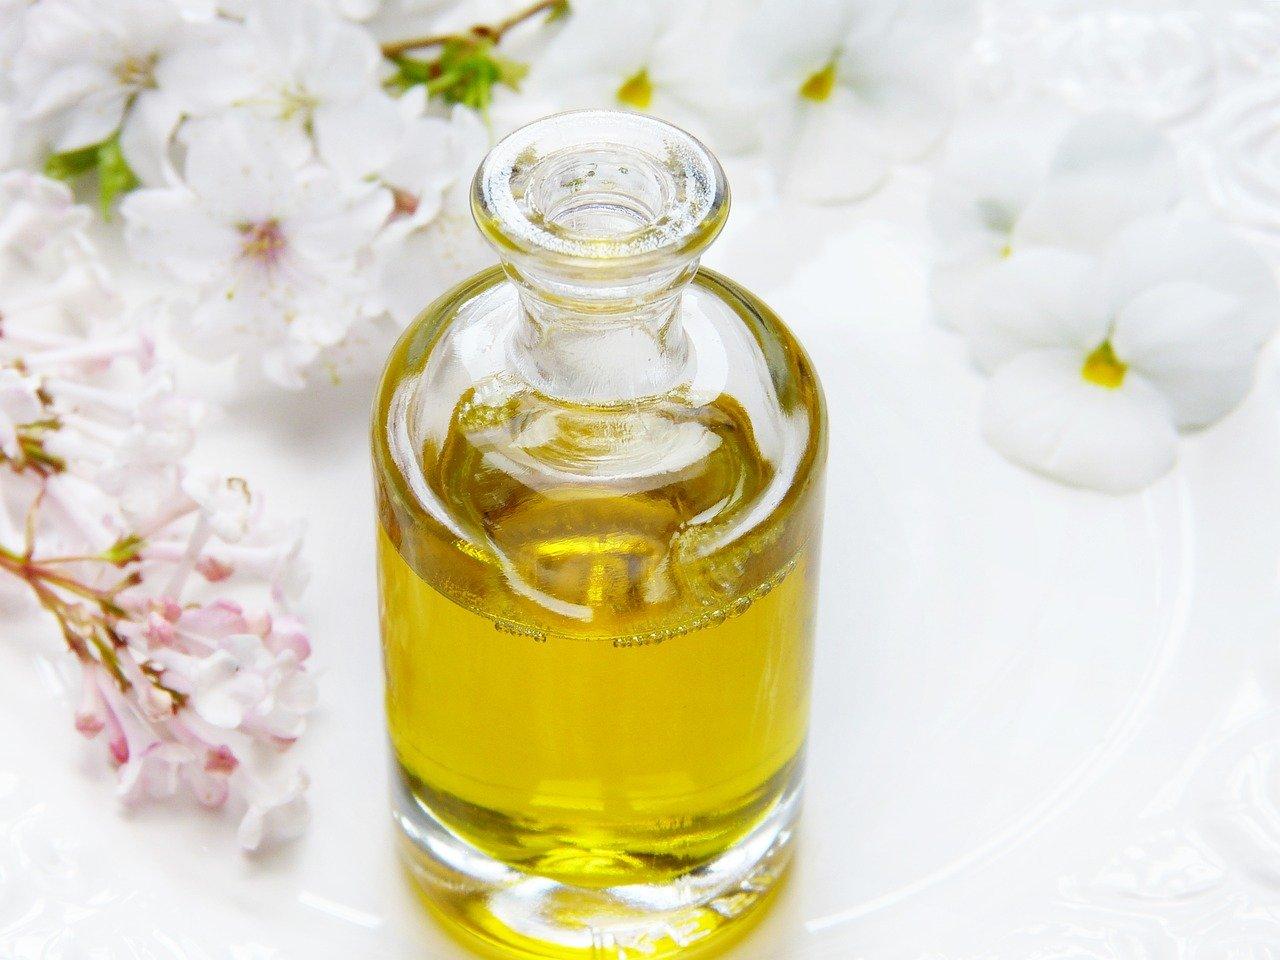 5 naturalnych składników uwielbianych przez marki kosmetyczne, które NAPRAWDĘ DZIAŁAJĄ!